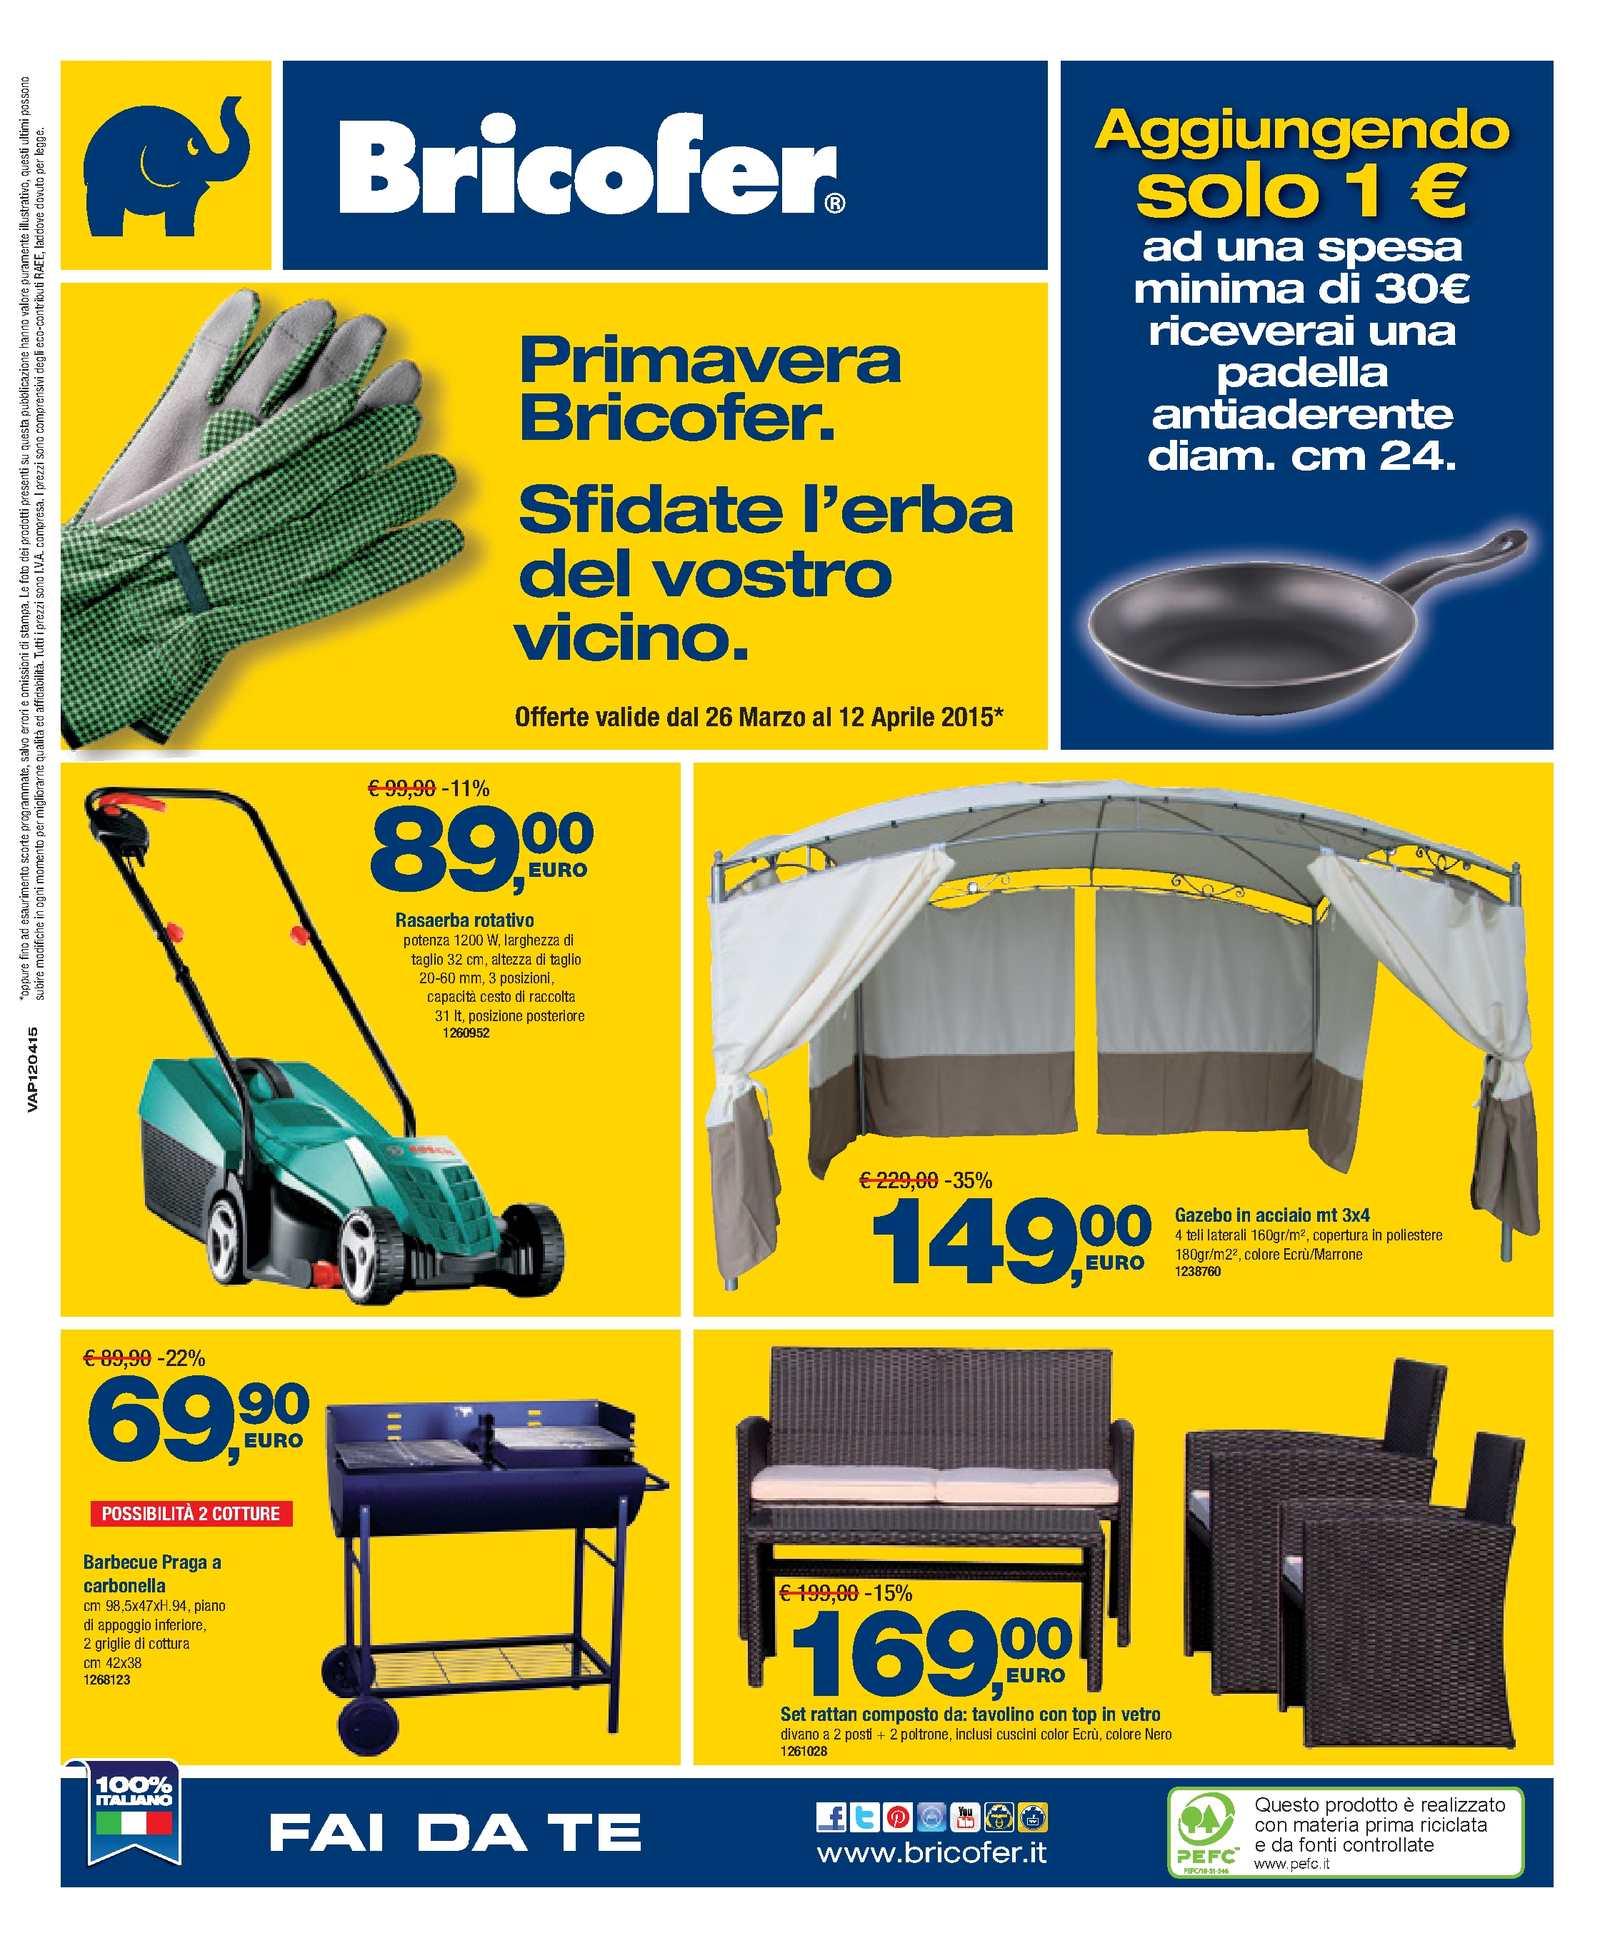 Calam o volantino bricofer dal 26 marzo al 12 aprile for Barbecue bricofer